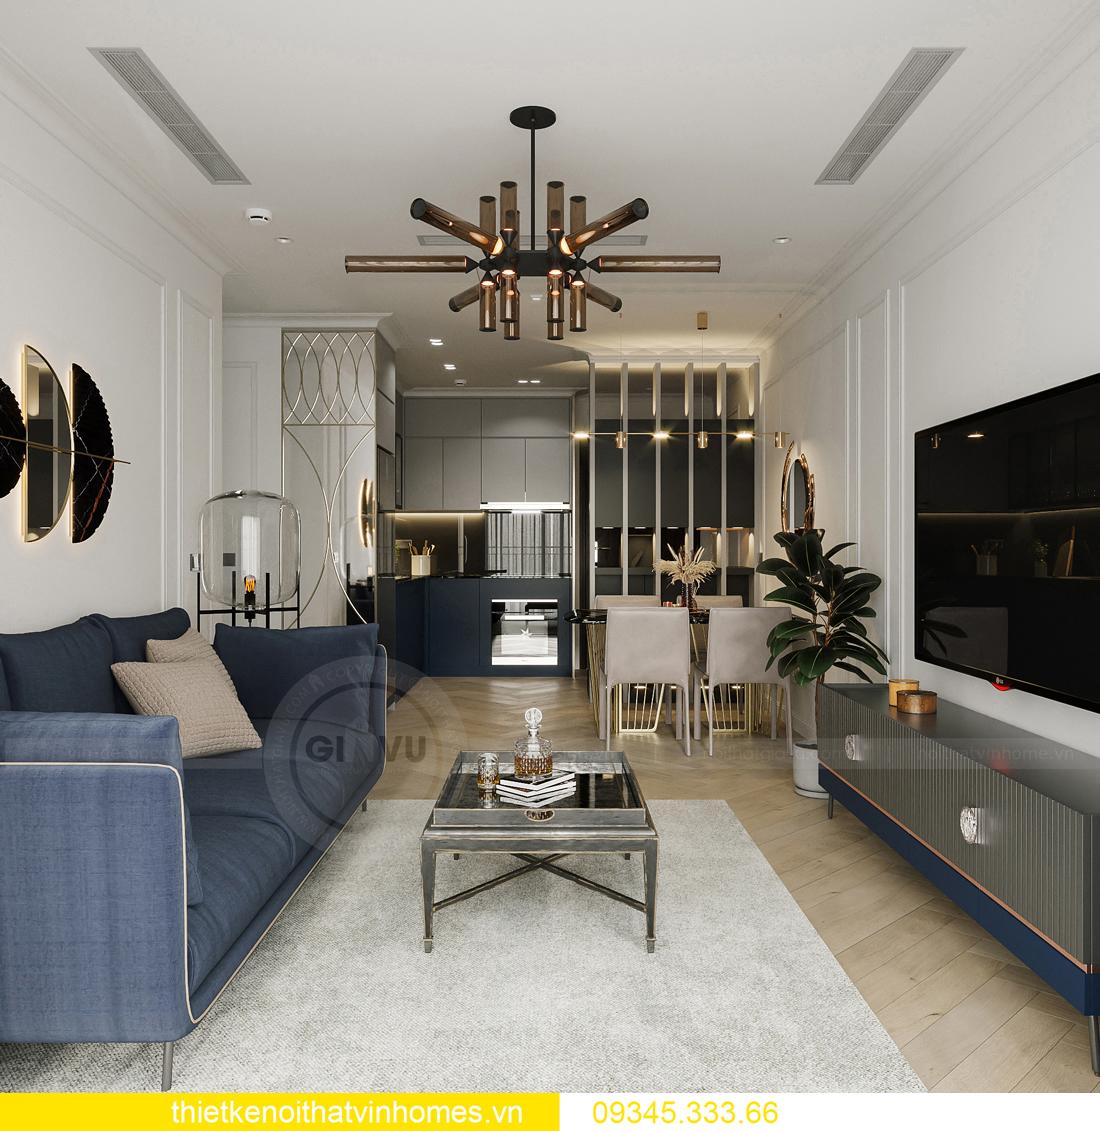 mẫu thiết kế nội thất chung cư Smart City tòa S201 căn 17 6